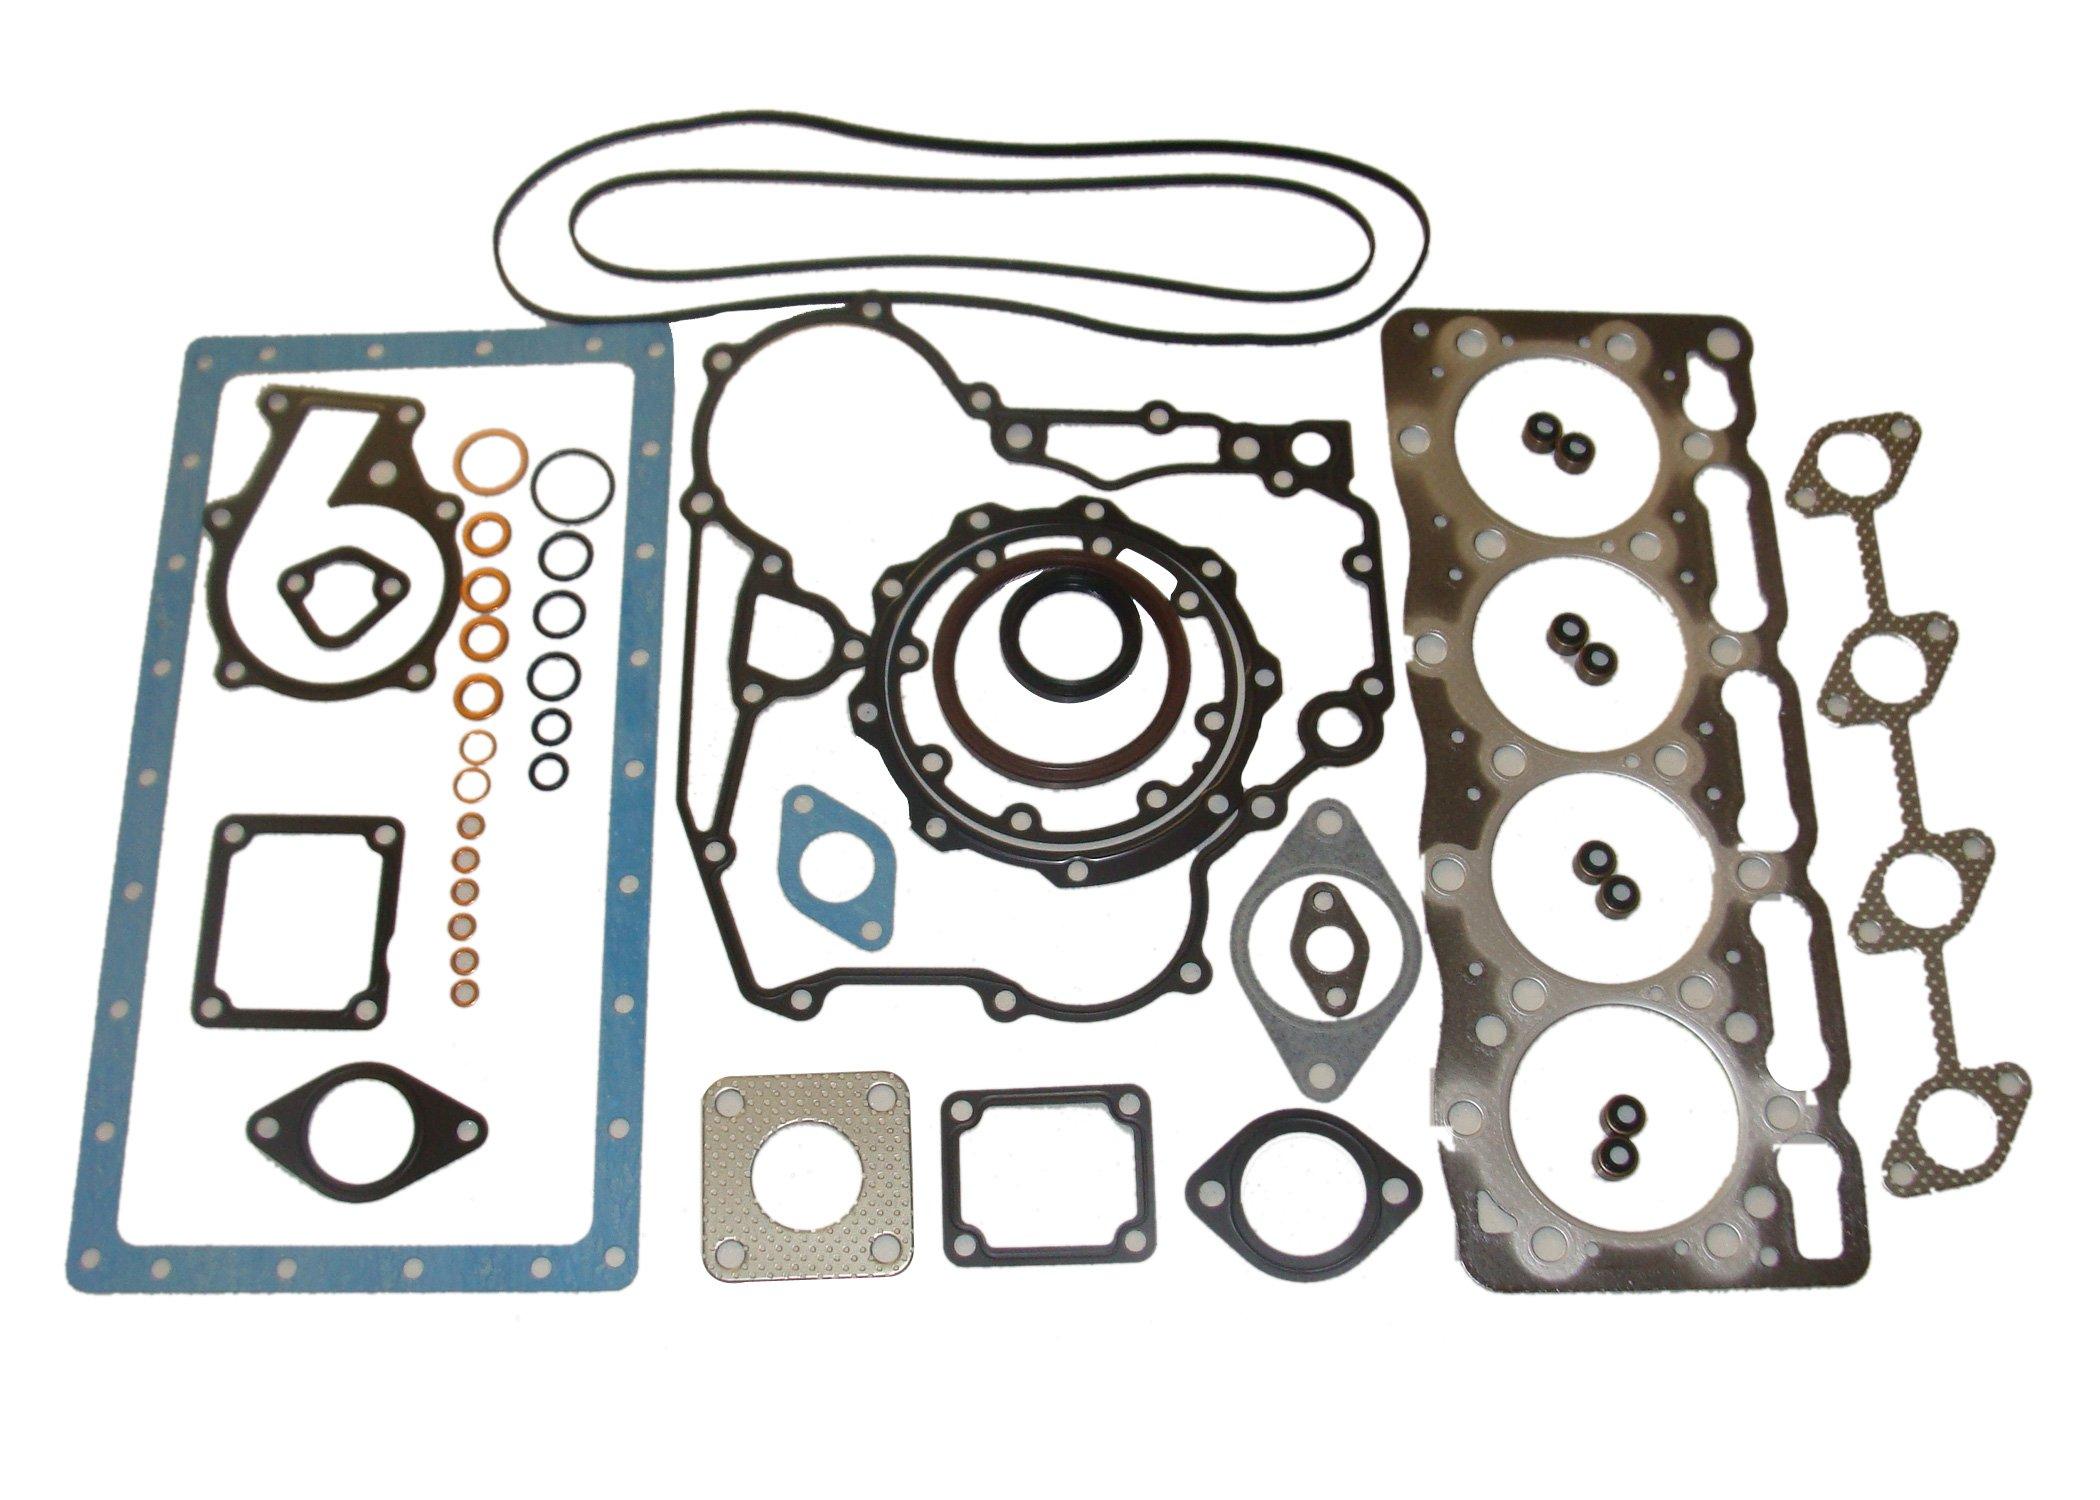 New Kubota V1505 Full Gasket Set by Kumar Bros USA